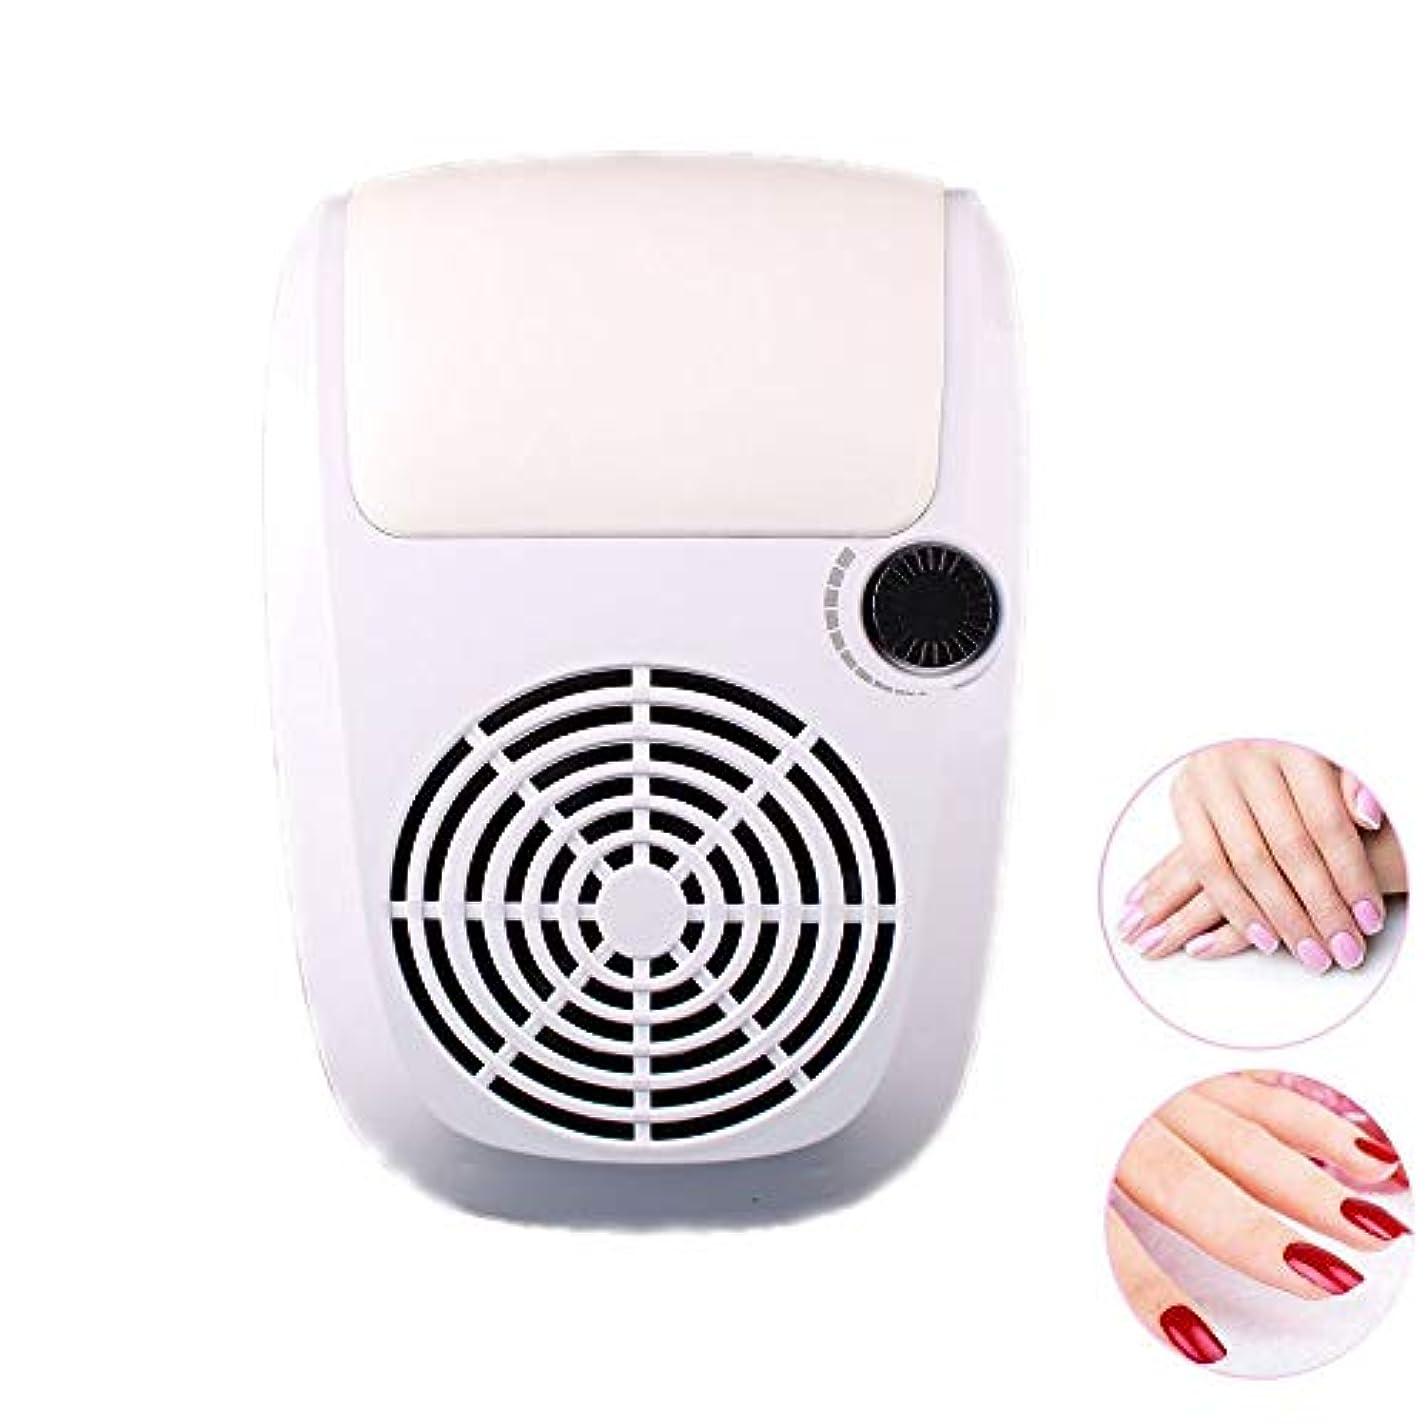 議題においユニークな調節可能な掃除機、2つの塵袋が付いている調節可能で強力で釘の掃除機のマニキュア用具、実用的で釘の大広間のクリーニング装置,白